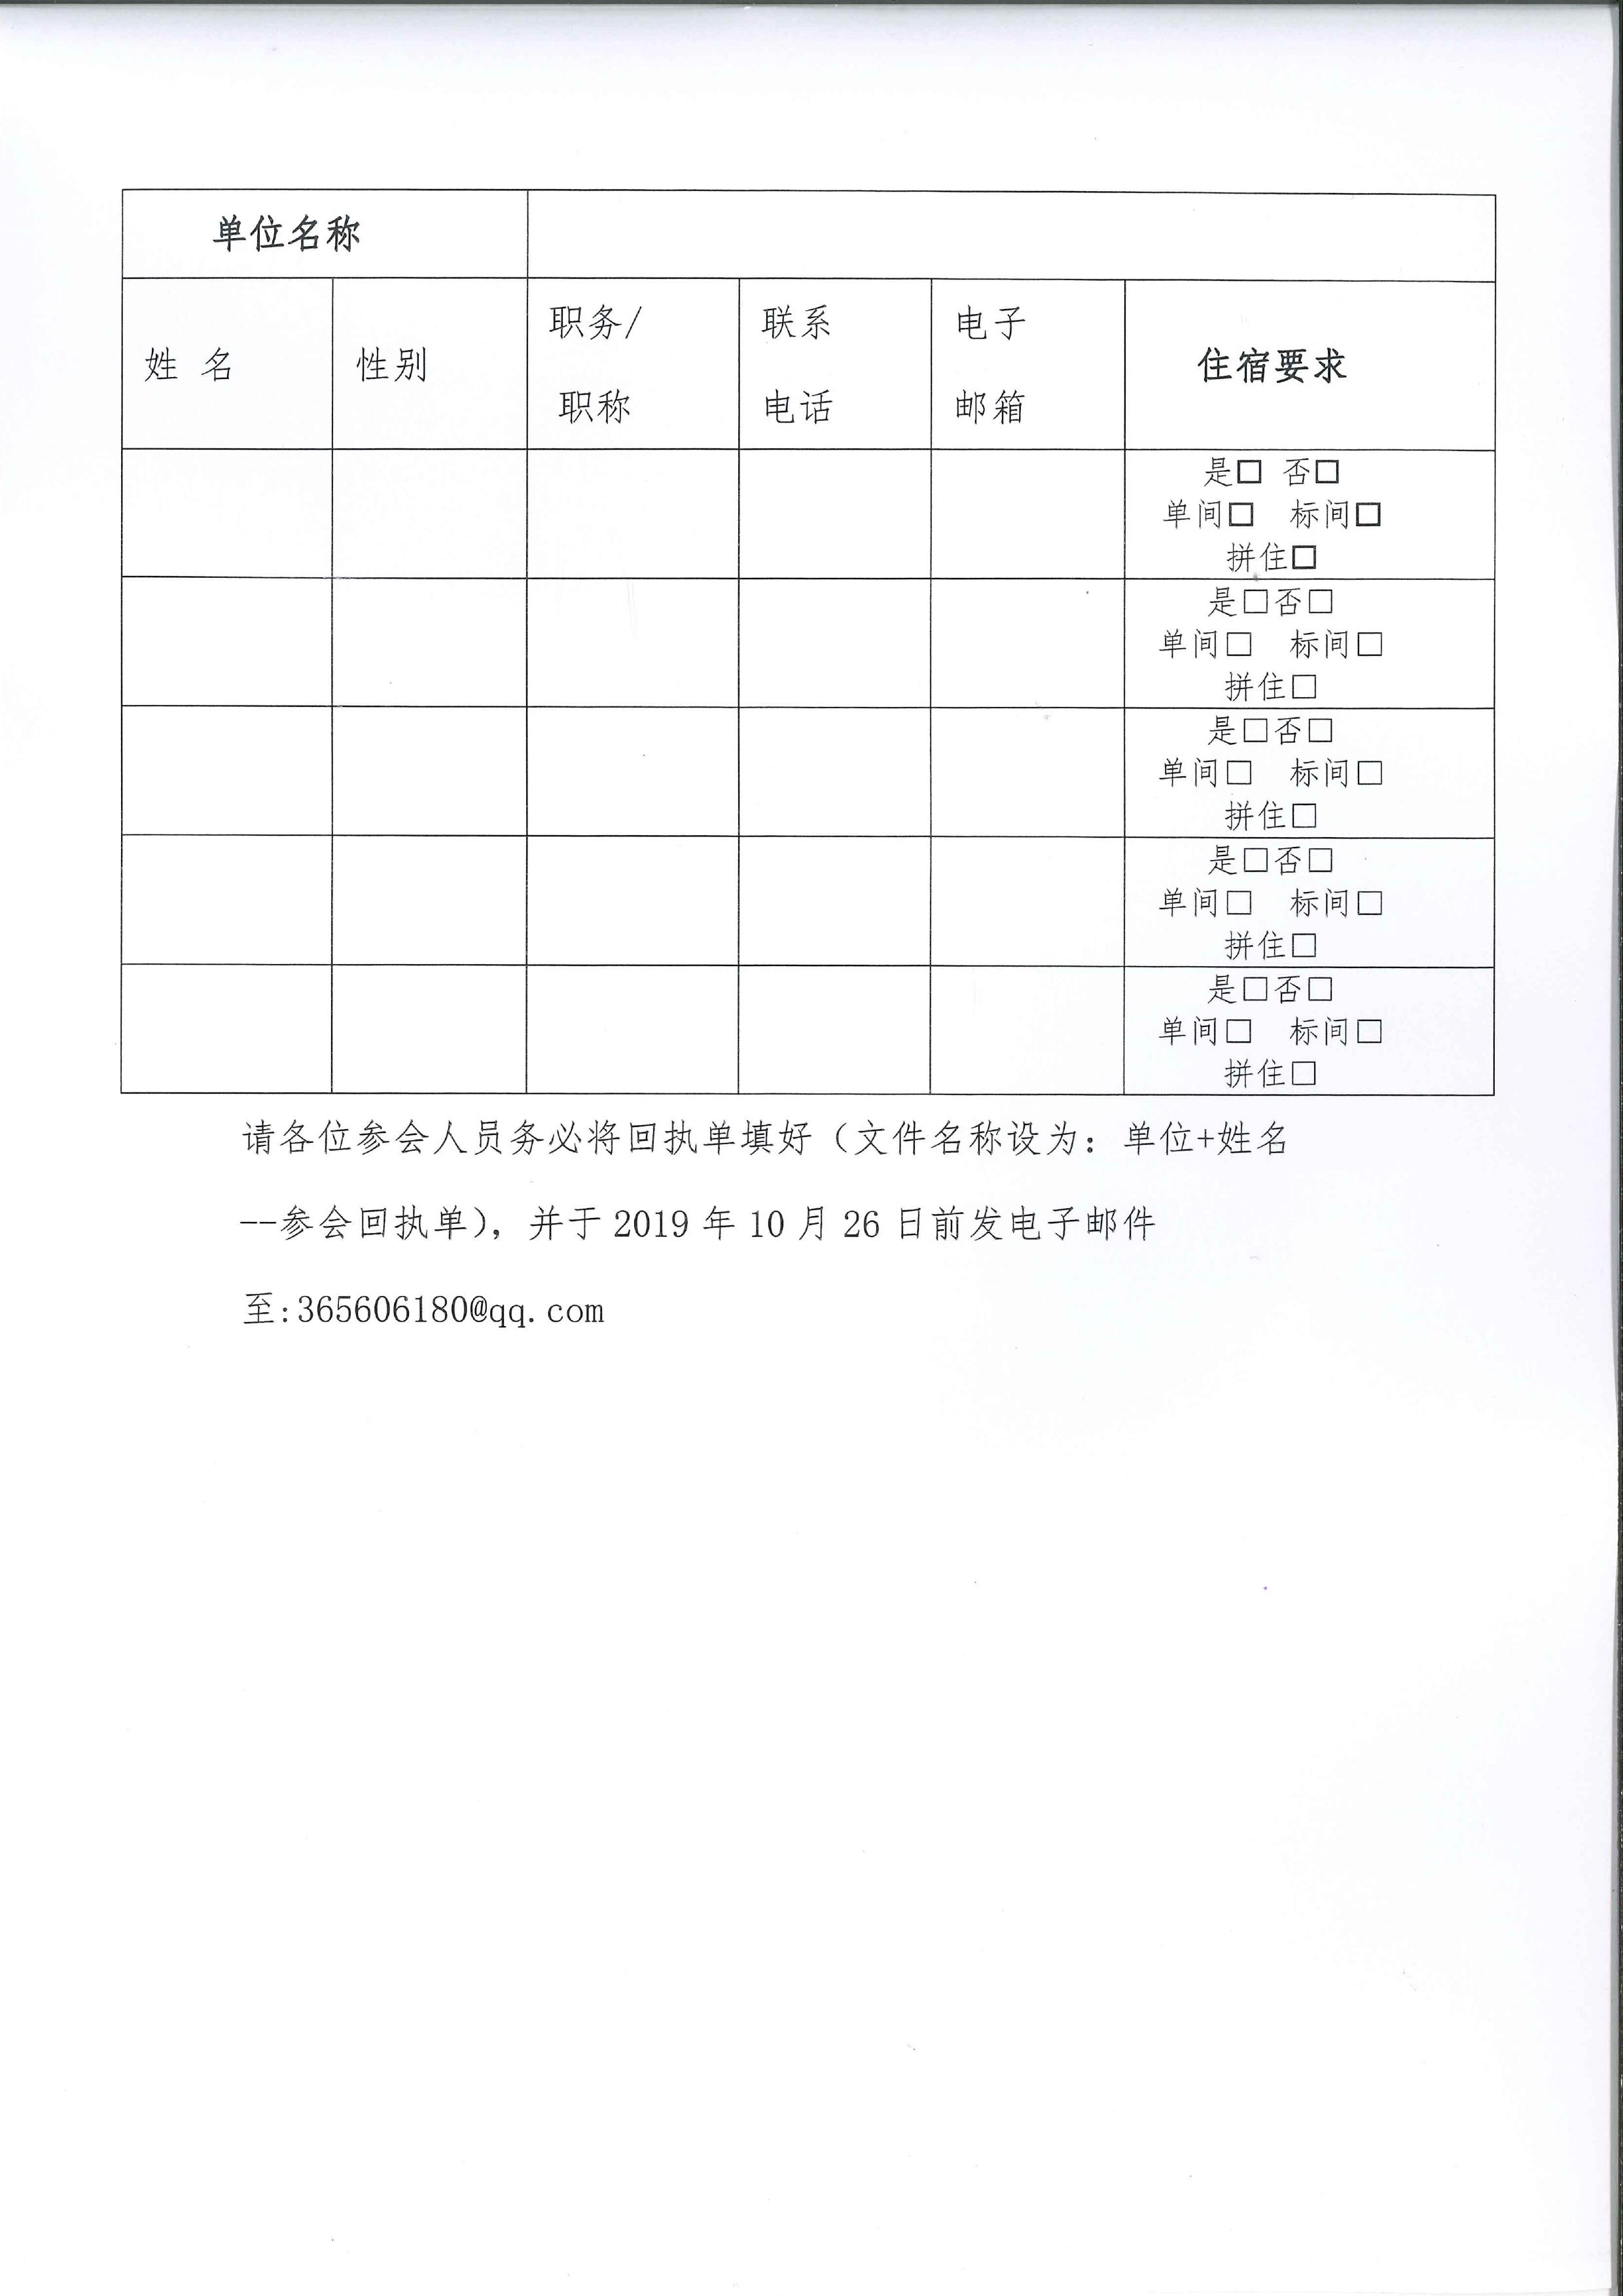 首期老年综合评估(CGA)技术应用培训班通知-6.jpg